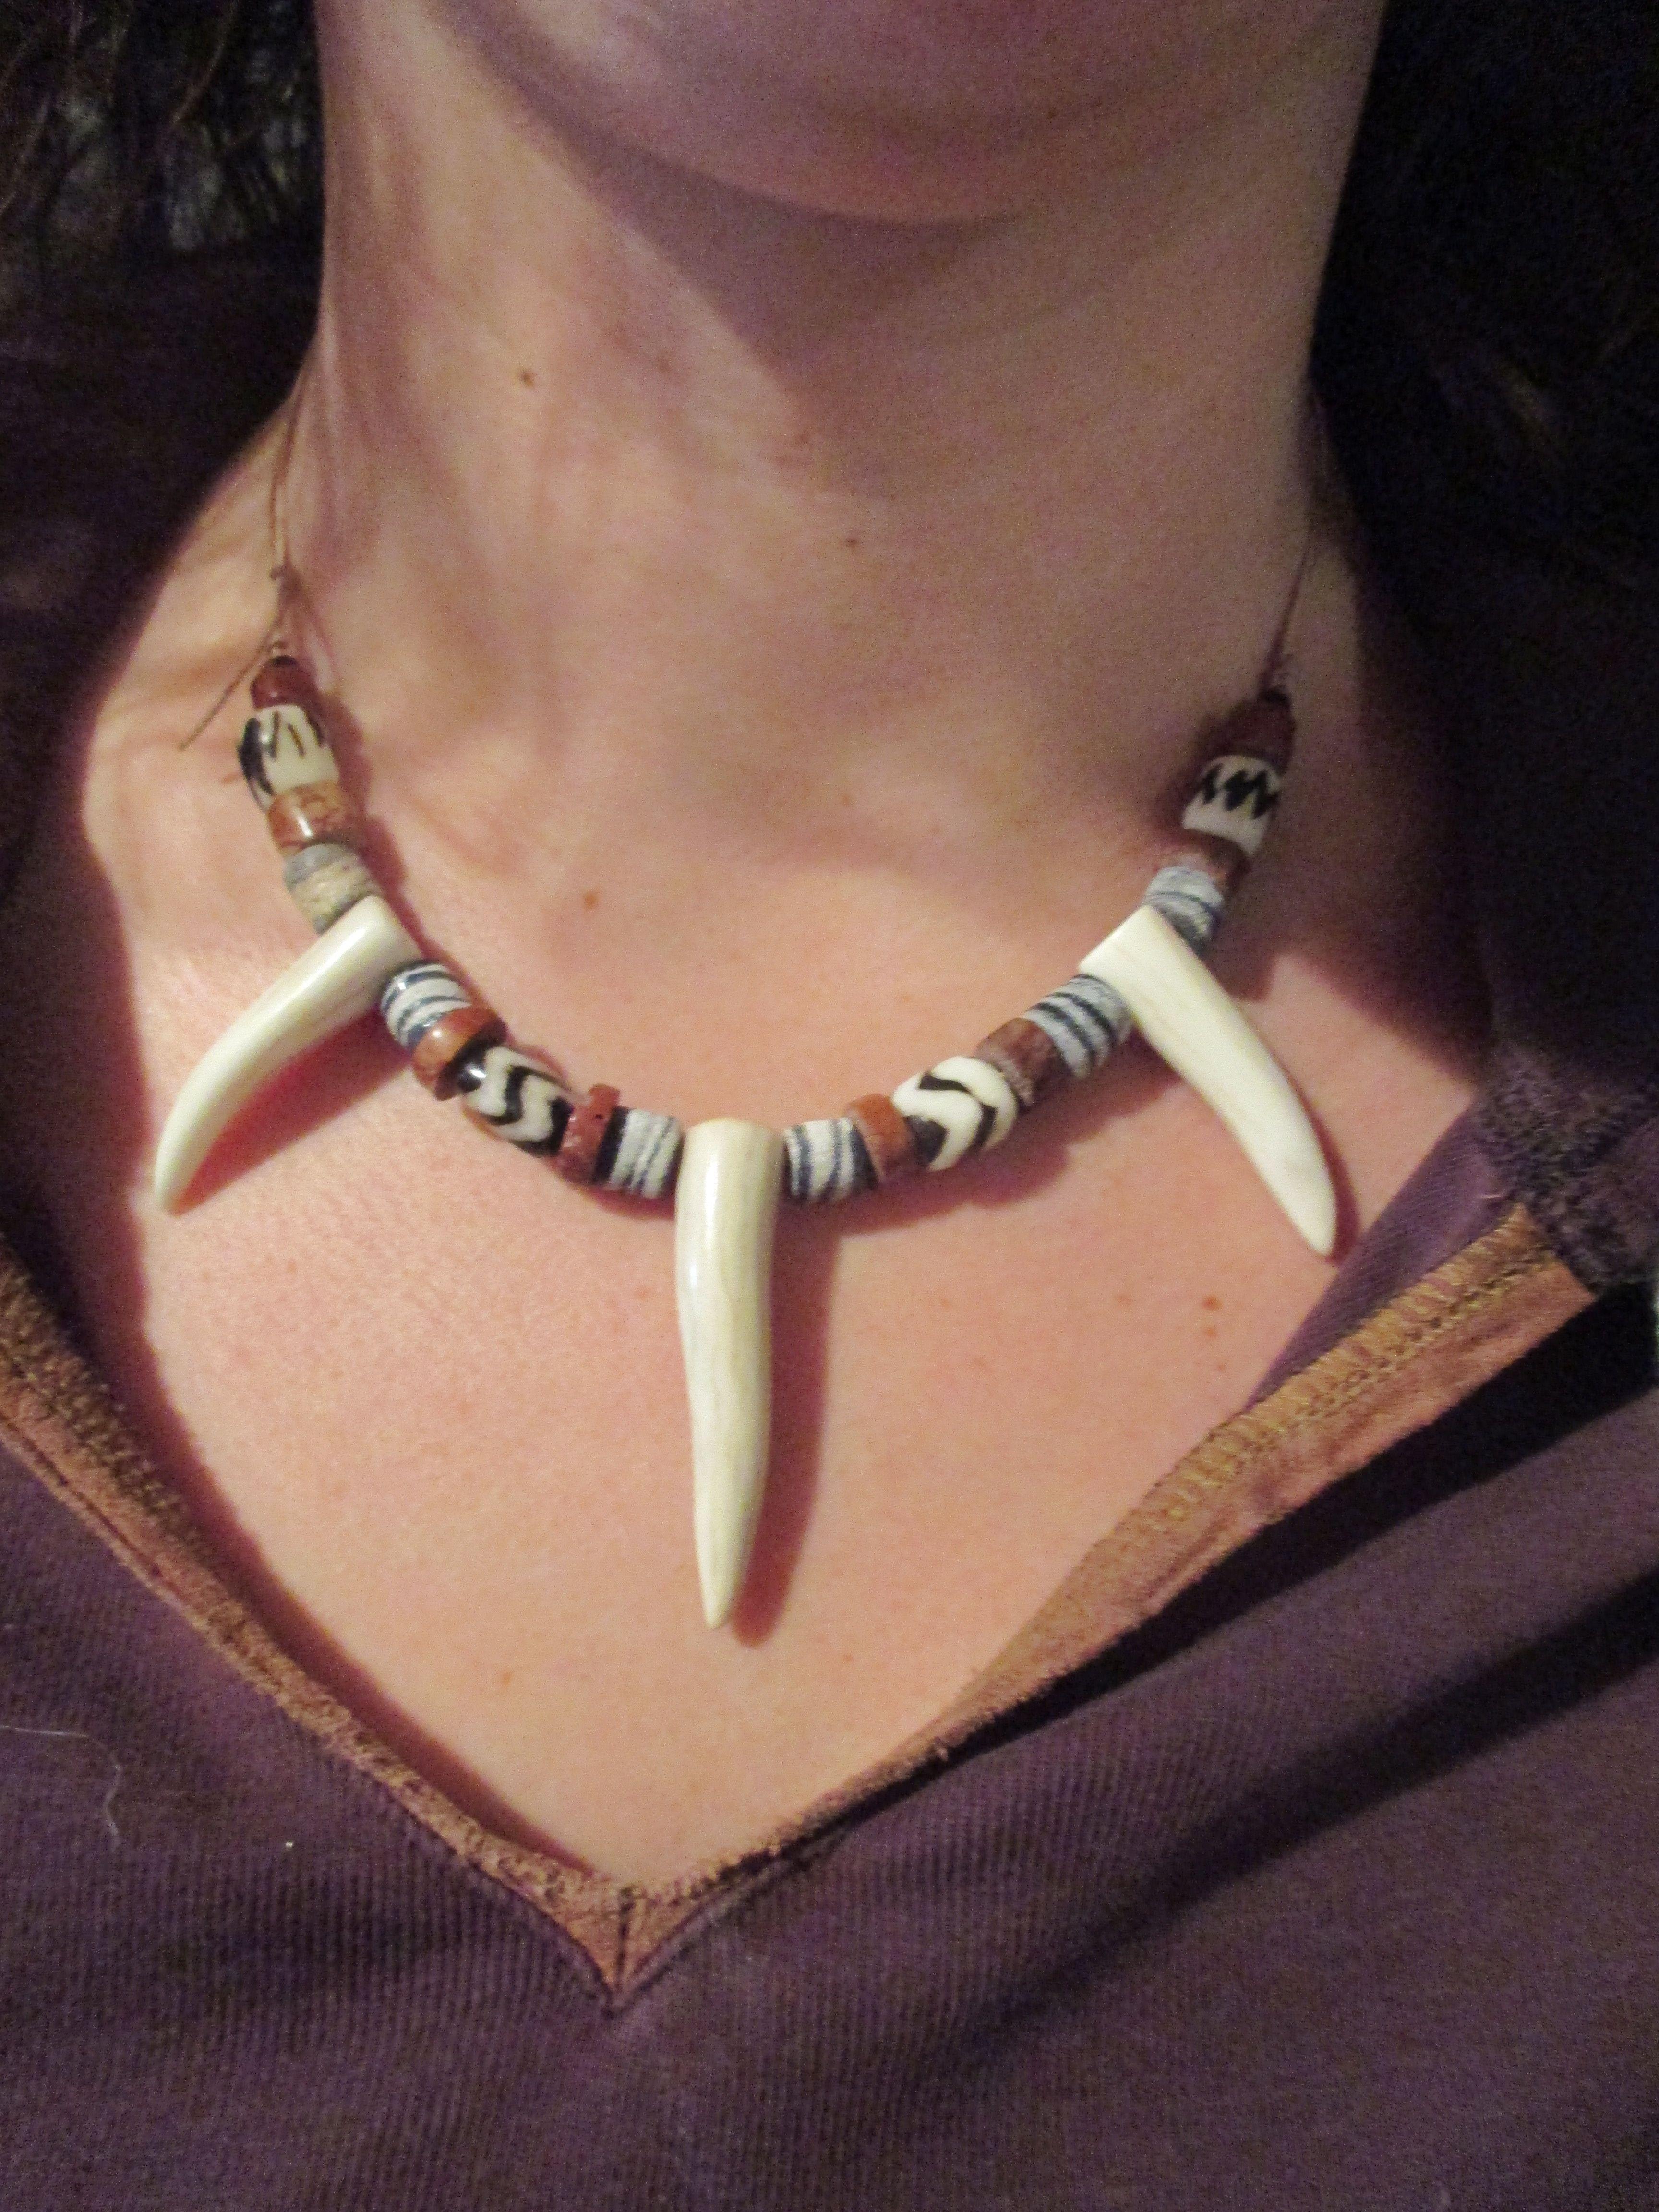 Antler tip necklace